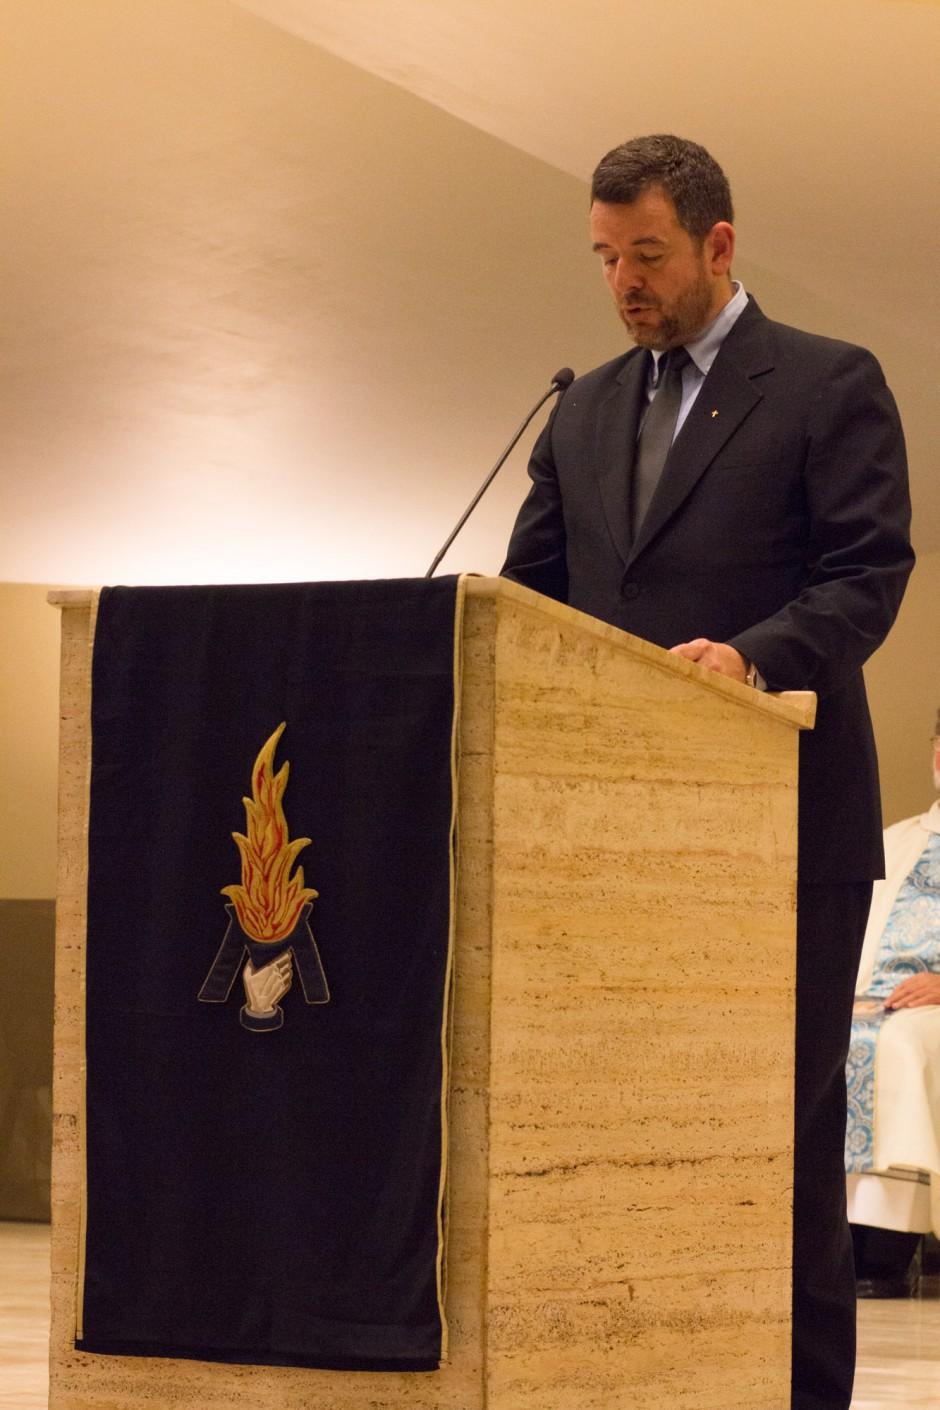 Profesión Perpetua en el Sodalicio de José Miguel Montoya y Mijailo Bokan (8)